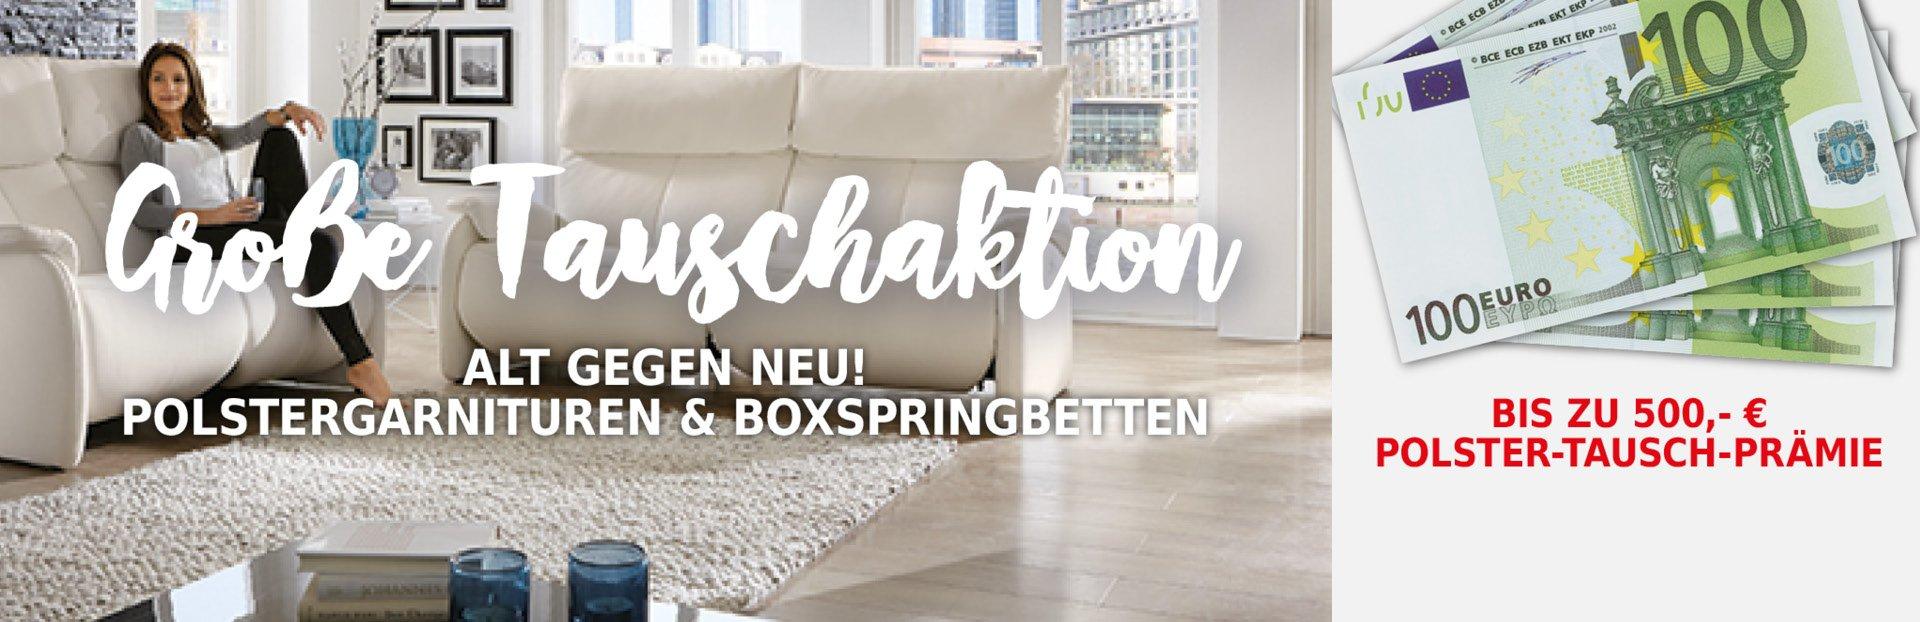 Großzügig Polstermobel Fischer Bad Reichenhall Galerie ...